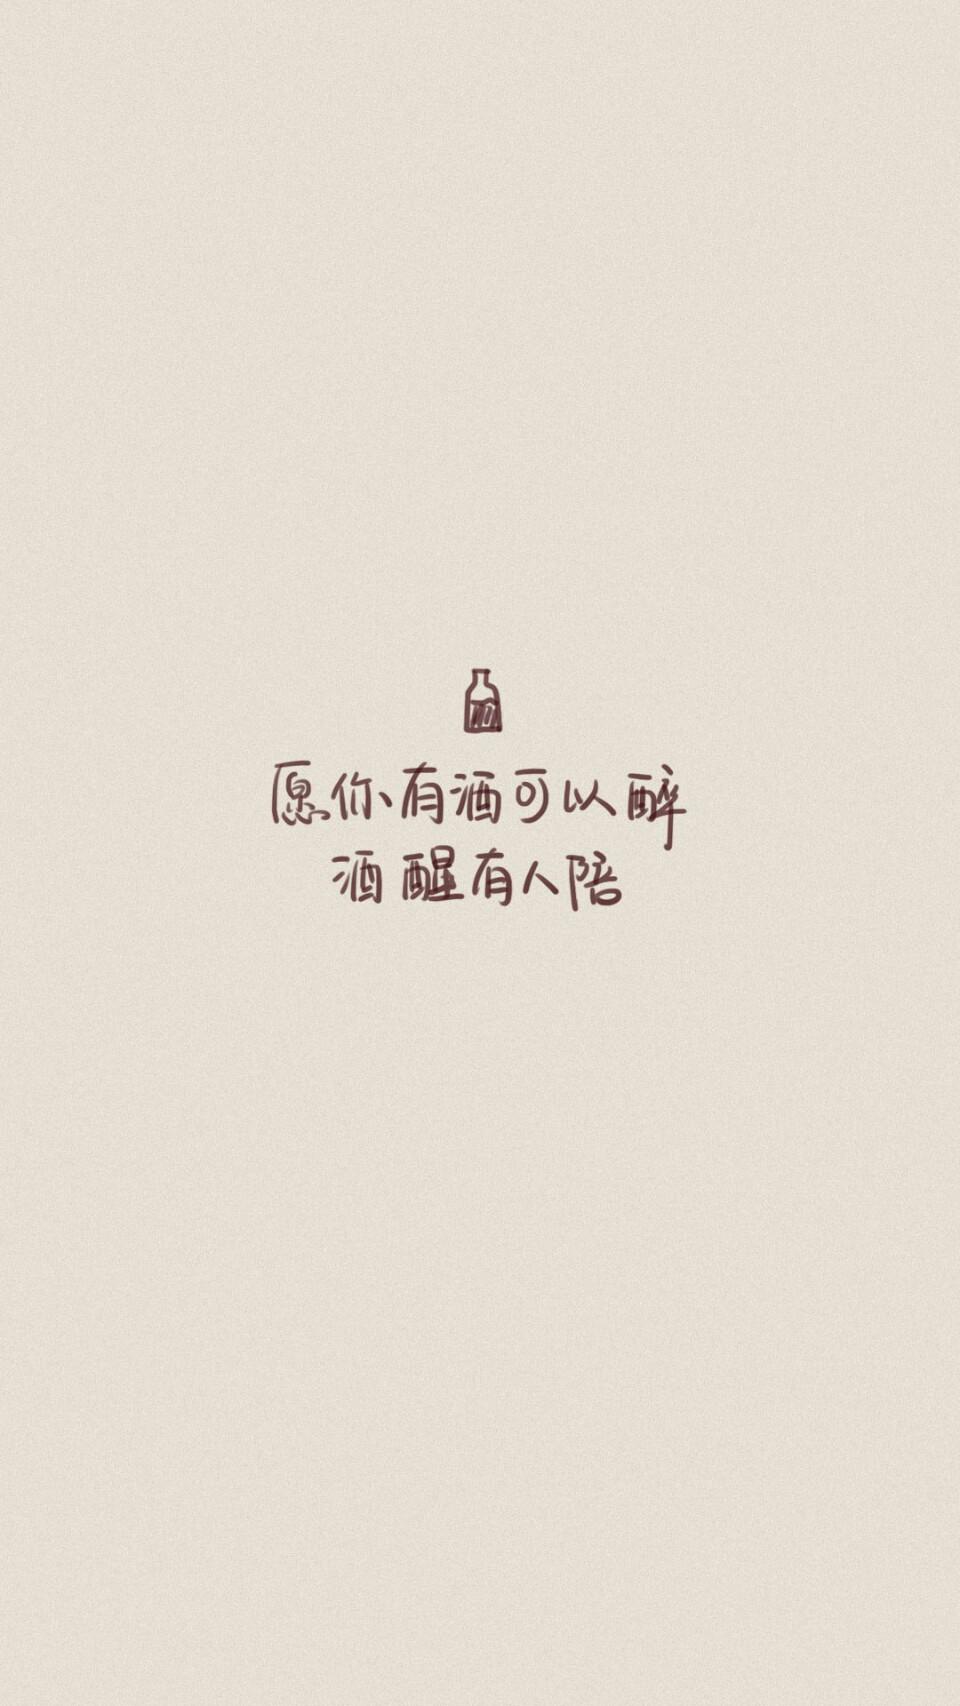 唯美图片带字励志大全_阳光网